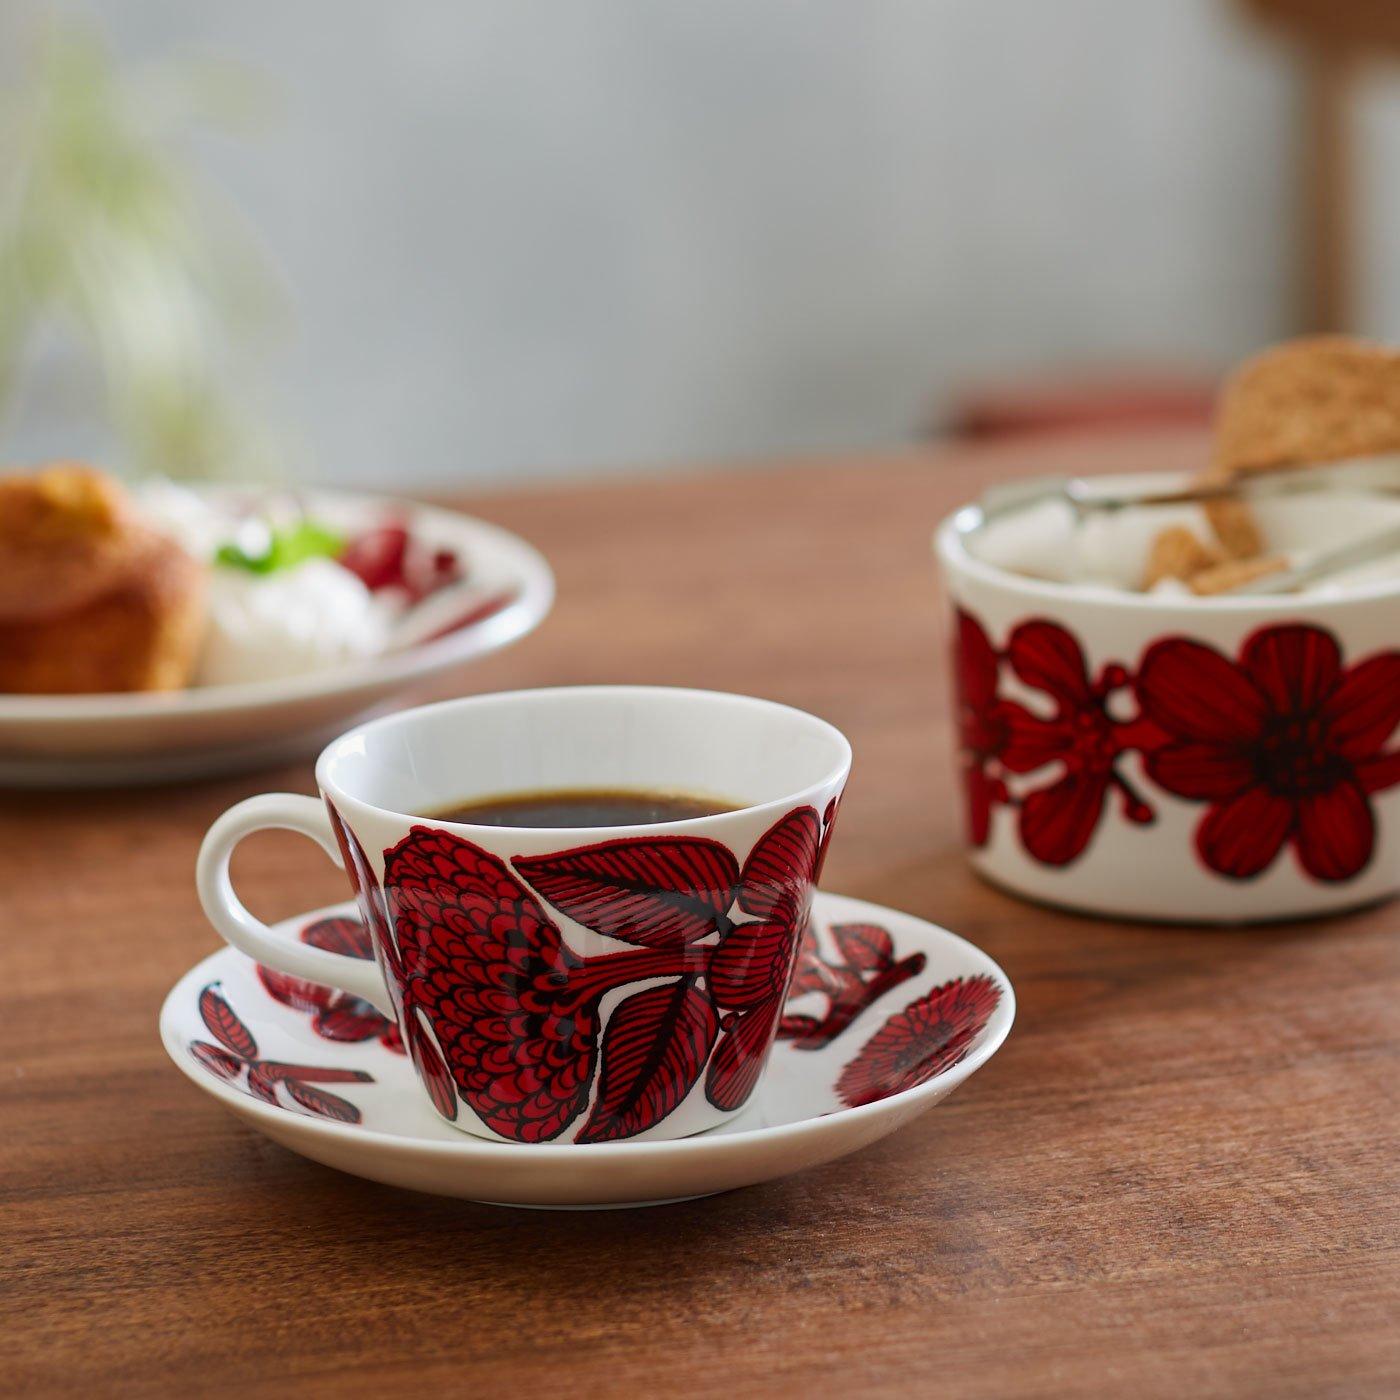 スティグ・リンドベリ 磁器のコーヒーカップ&ソーサー〈レッドアスター〉